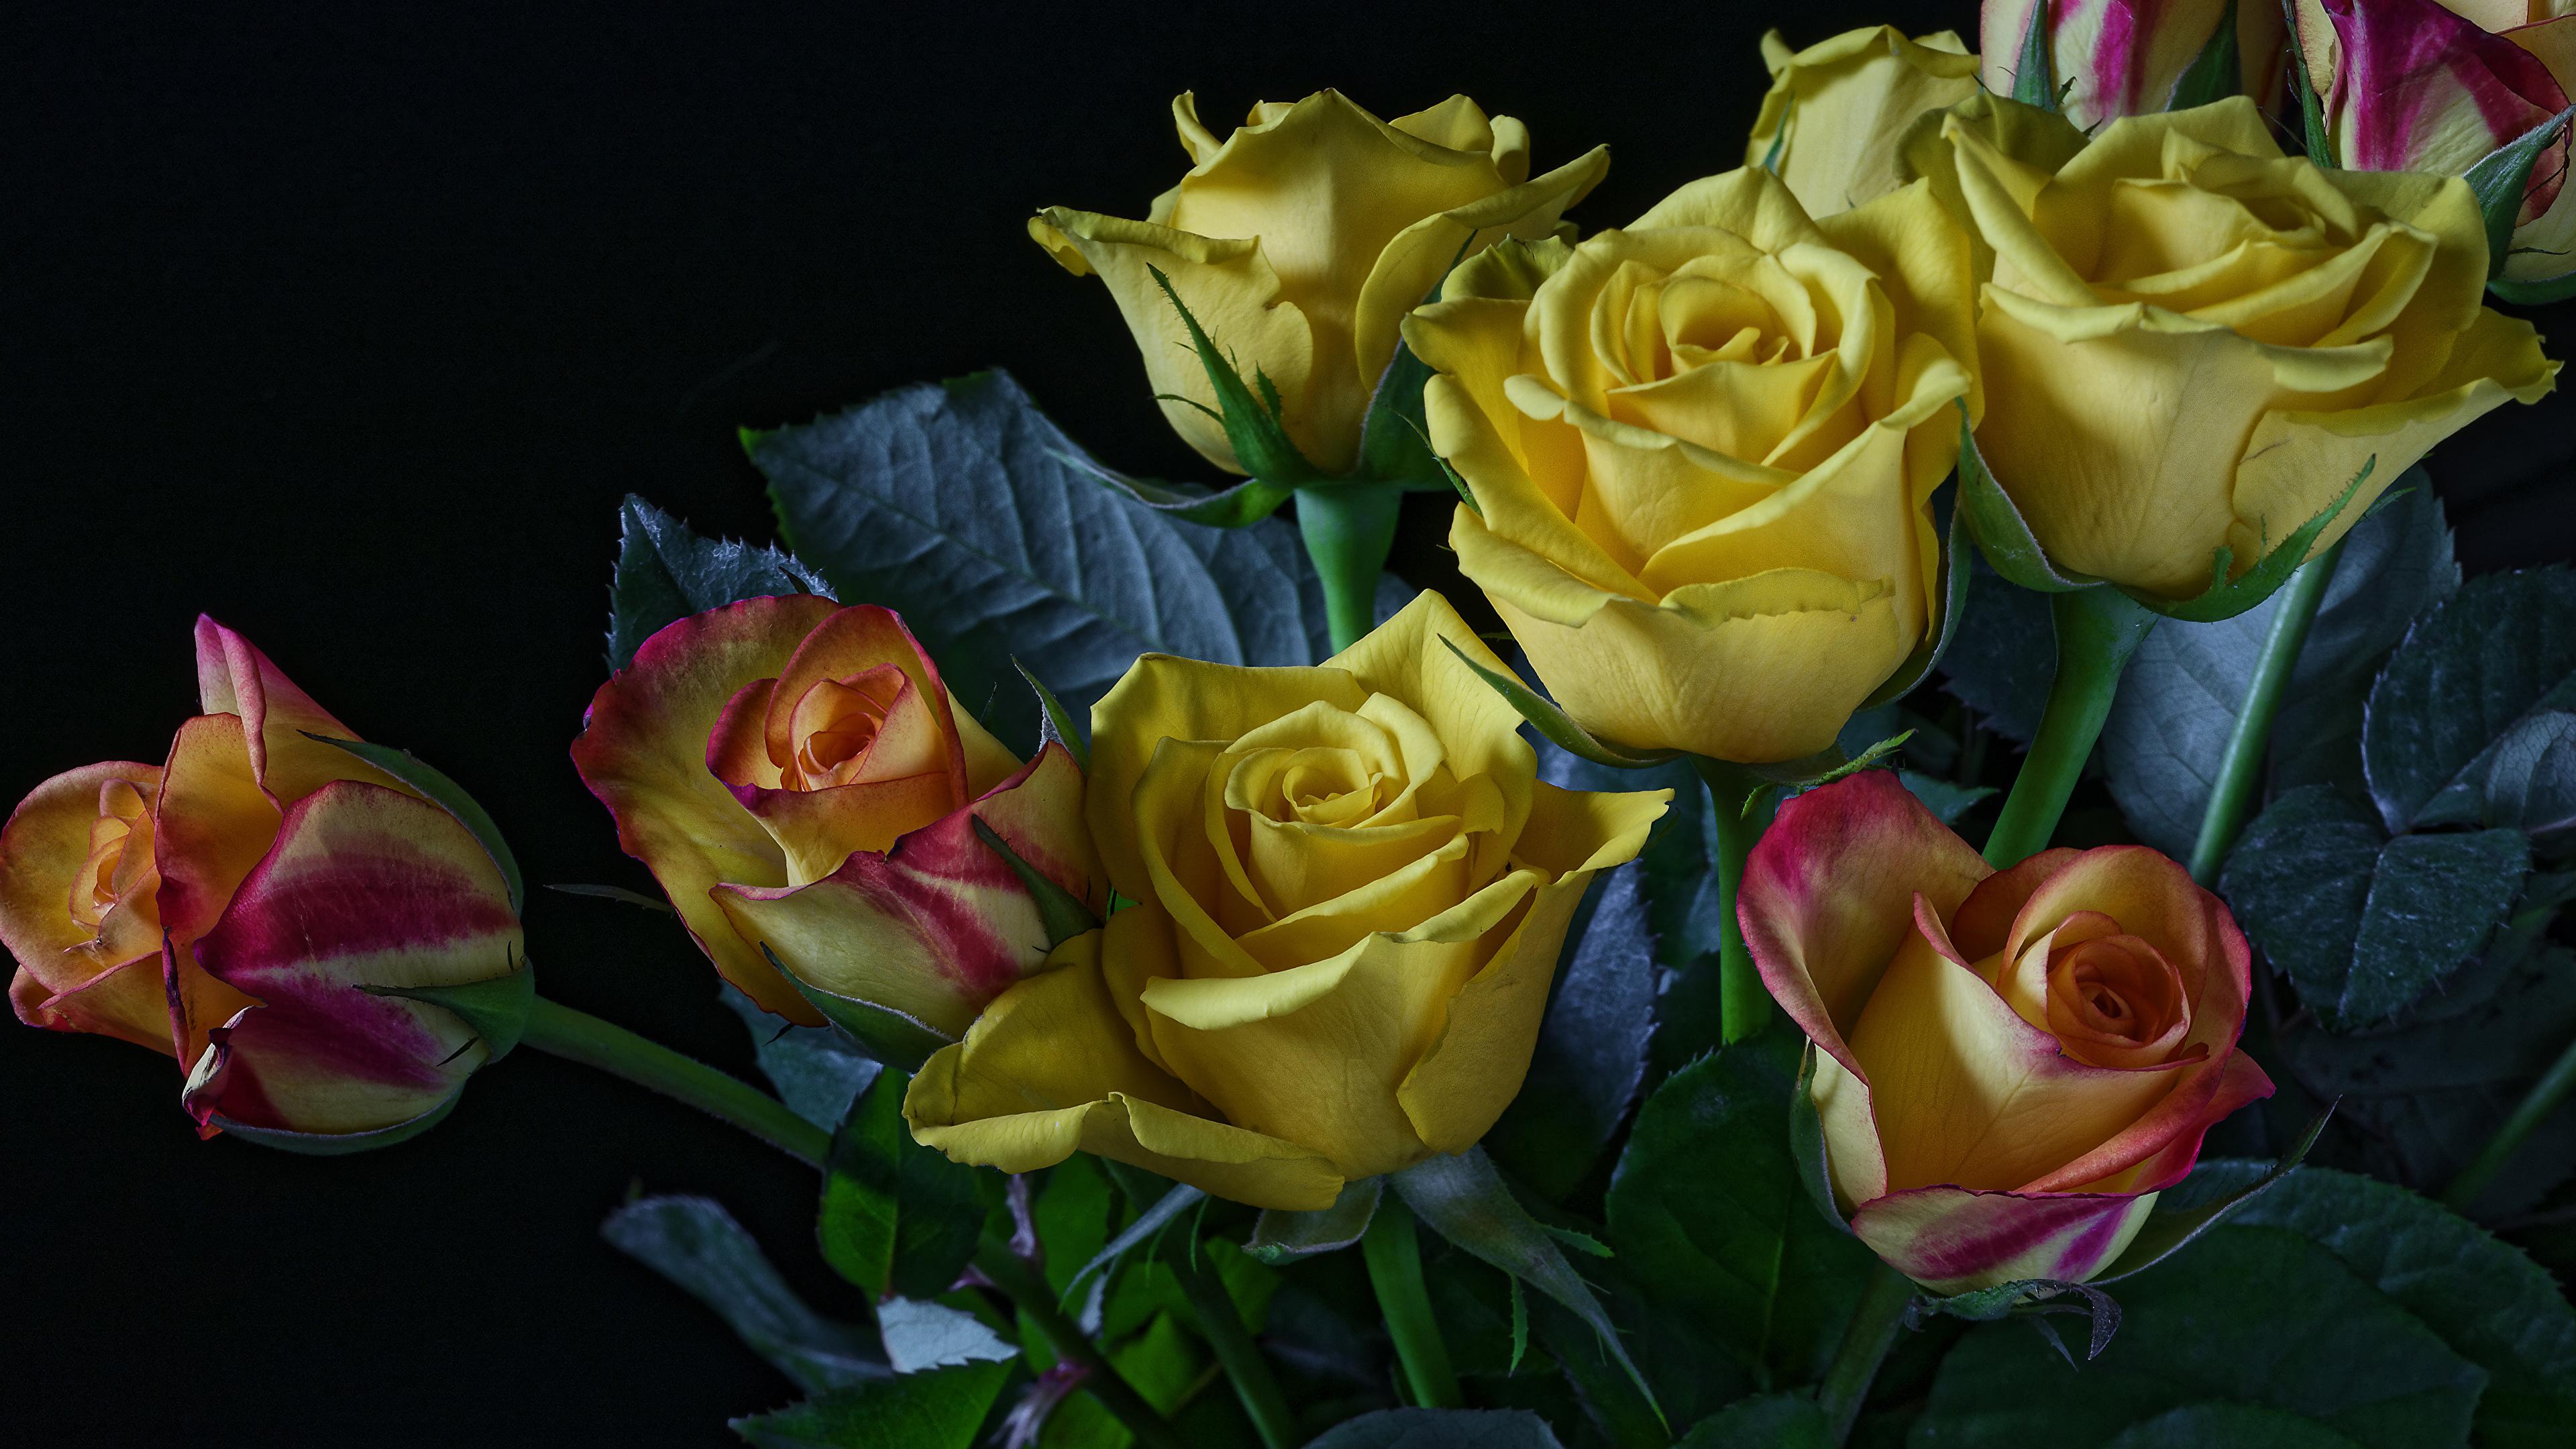 Обои Розы Желтый Цветы Черный фон 3840x2160